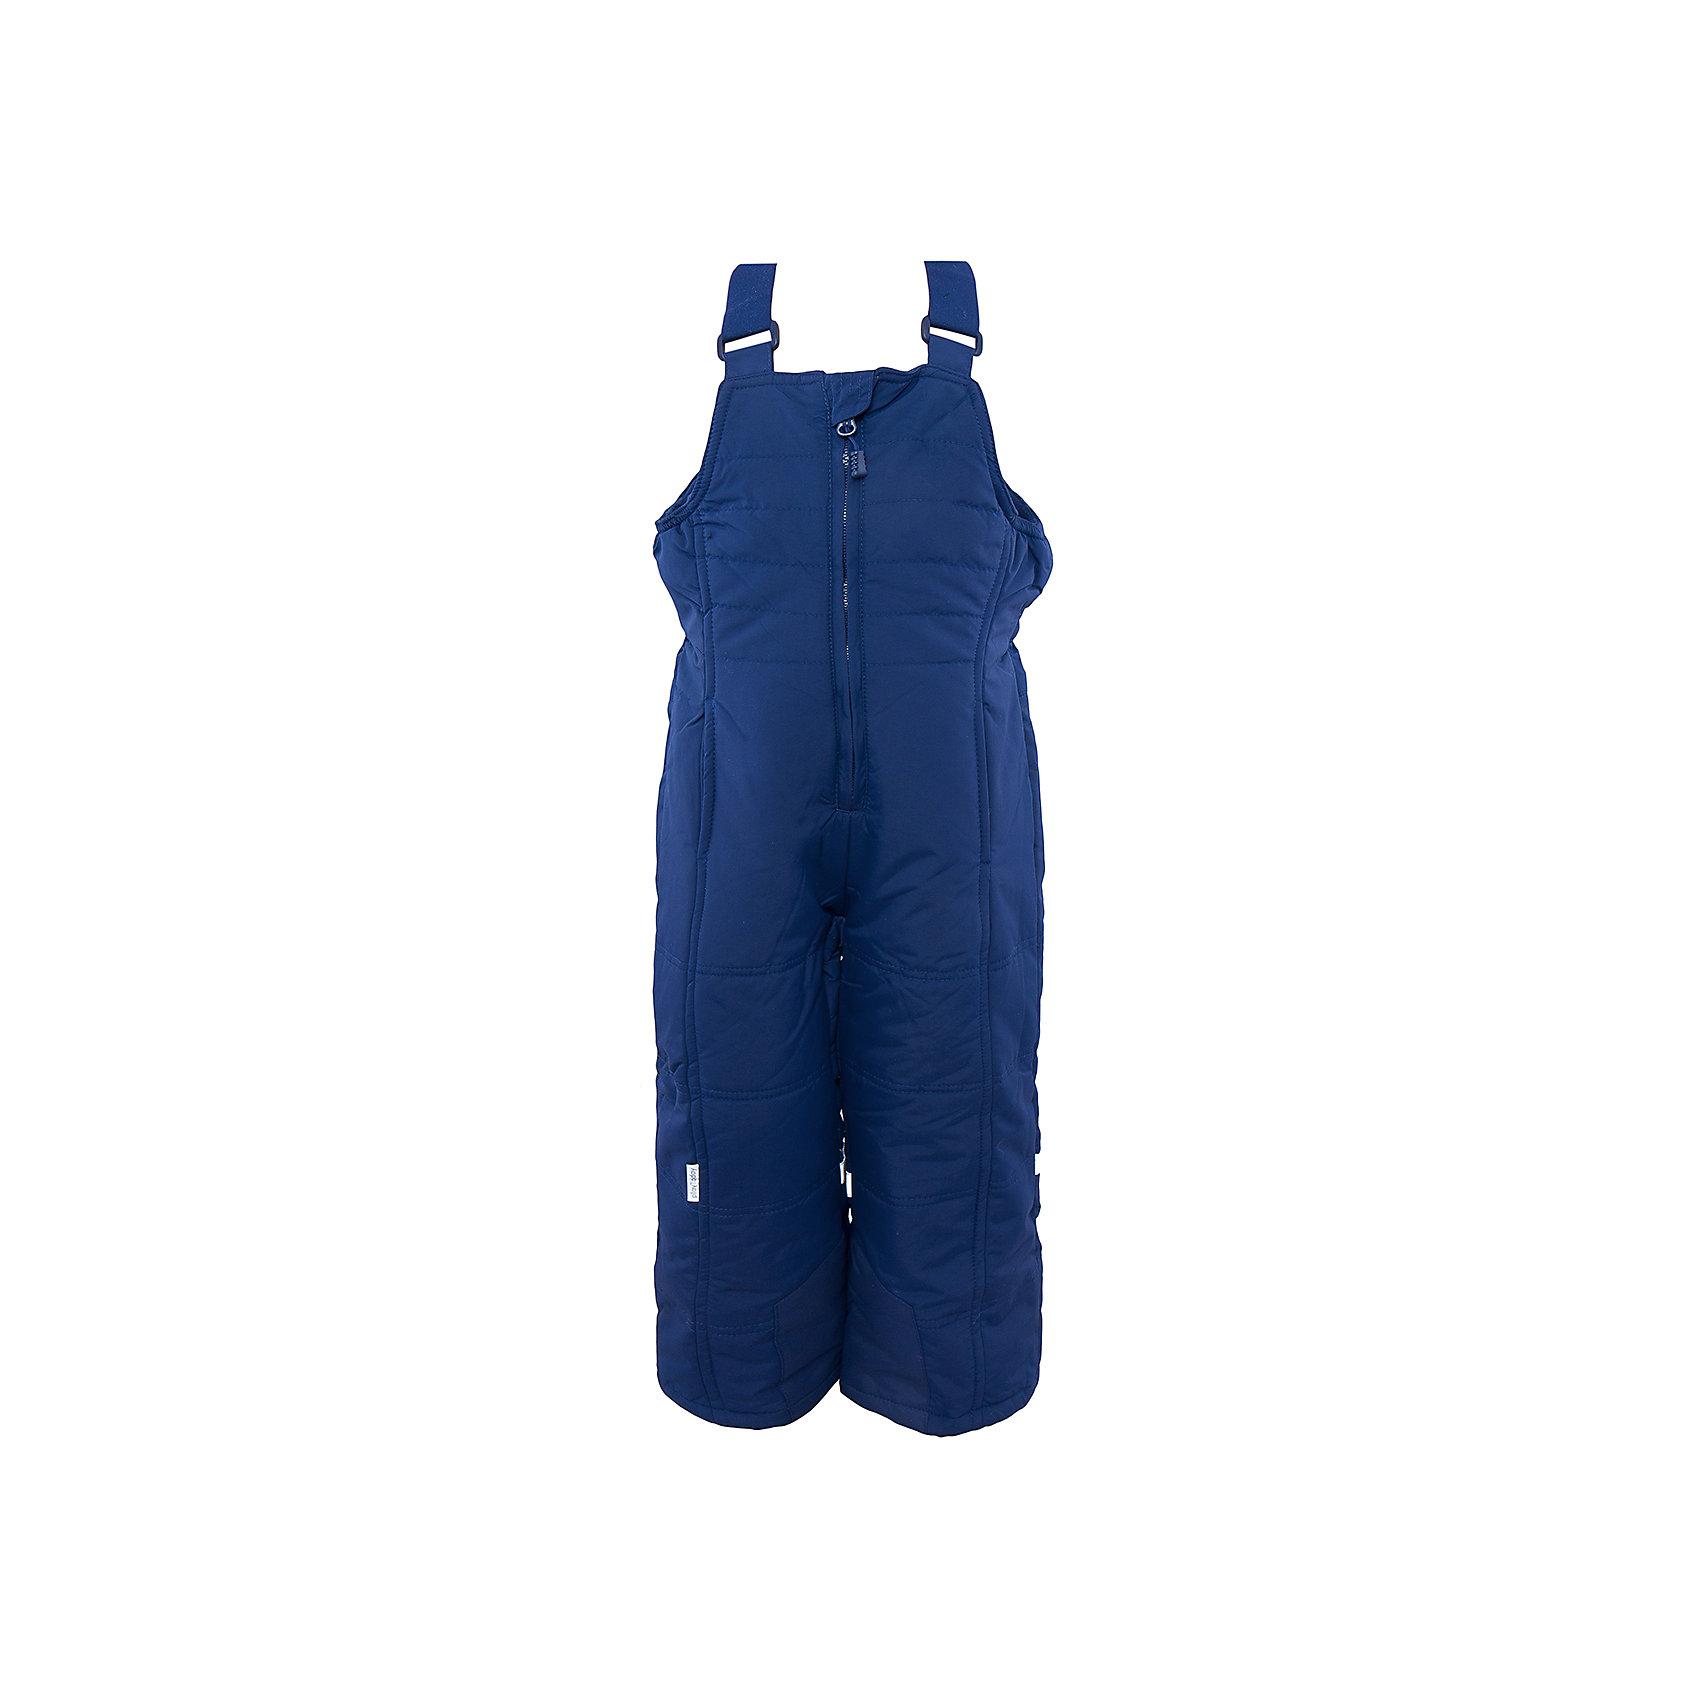 Полукомбинезон для мальчика PlayTodayВерхняя одежда<br>Полукомбинезон для мальчика от известного бренда PlayToday.<br>Стильный утепленный полукомбинезон. Застегивается на молнию спереди. Внутри уютная флисовая подкладка. Есть светоотражатели и дополнительный манжет снизу - снегозащита. Фишка модели - эластичные бретели, регулирующиеся по длине. По бокам два функциональных кармана. Низ штанишек утягивается стопперами.<br>Состав:<br>Верх: 100% нейлон, подкладка: 100% полиэстер, наполнитель: 100% полиэстер, 150 г/м2<br><br>Ширина мм: 215<br>Глубина мм: 88<br>Высота мм: 191<br>Вес г: 336<br>Цвет: синий<br>Возраст от месяцев: 36<br>Возраст до месяцев: 48<br>Пол: Мужской<br>Возраст: Детский<br>Размер: 104,122,128,116,98,110<br>SKU: 4898145